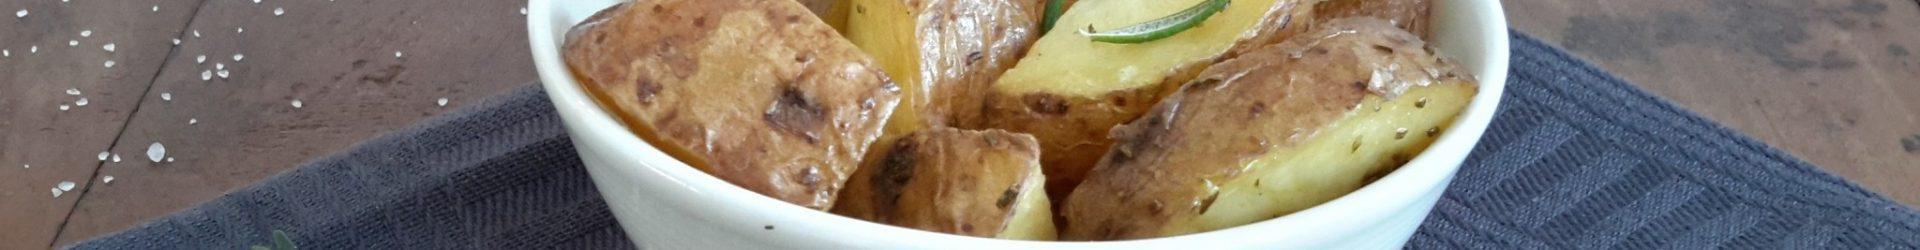 Oven geroosterde aardappelen (patate arrosto)